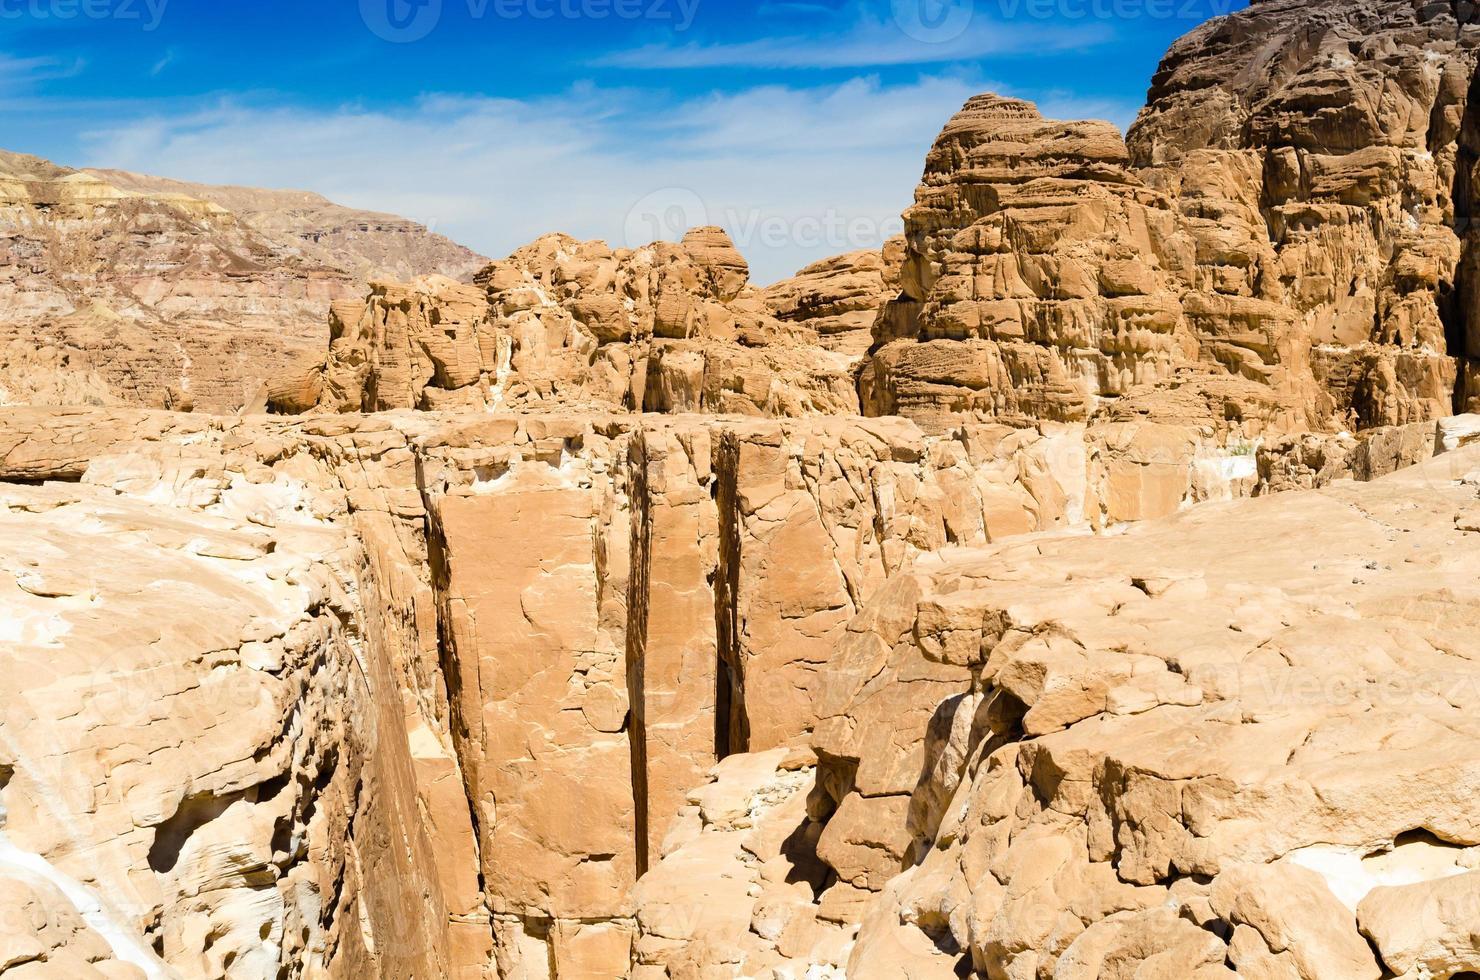 vallée dans les montagnes rocheuses photo